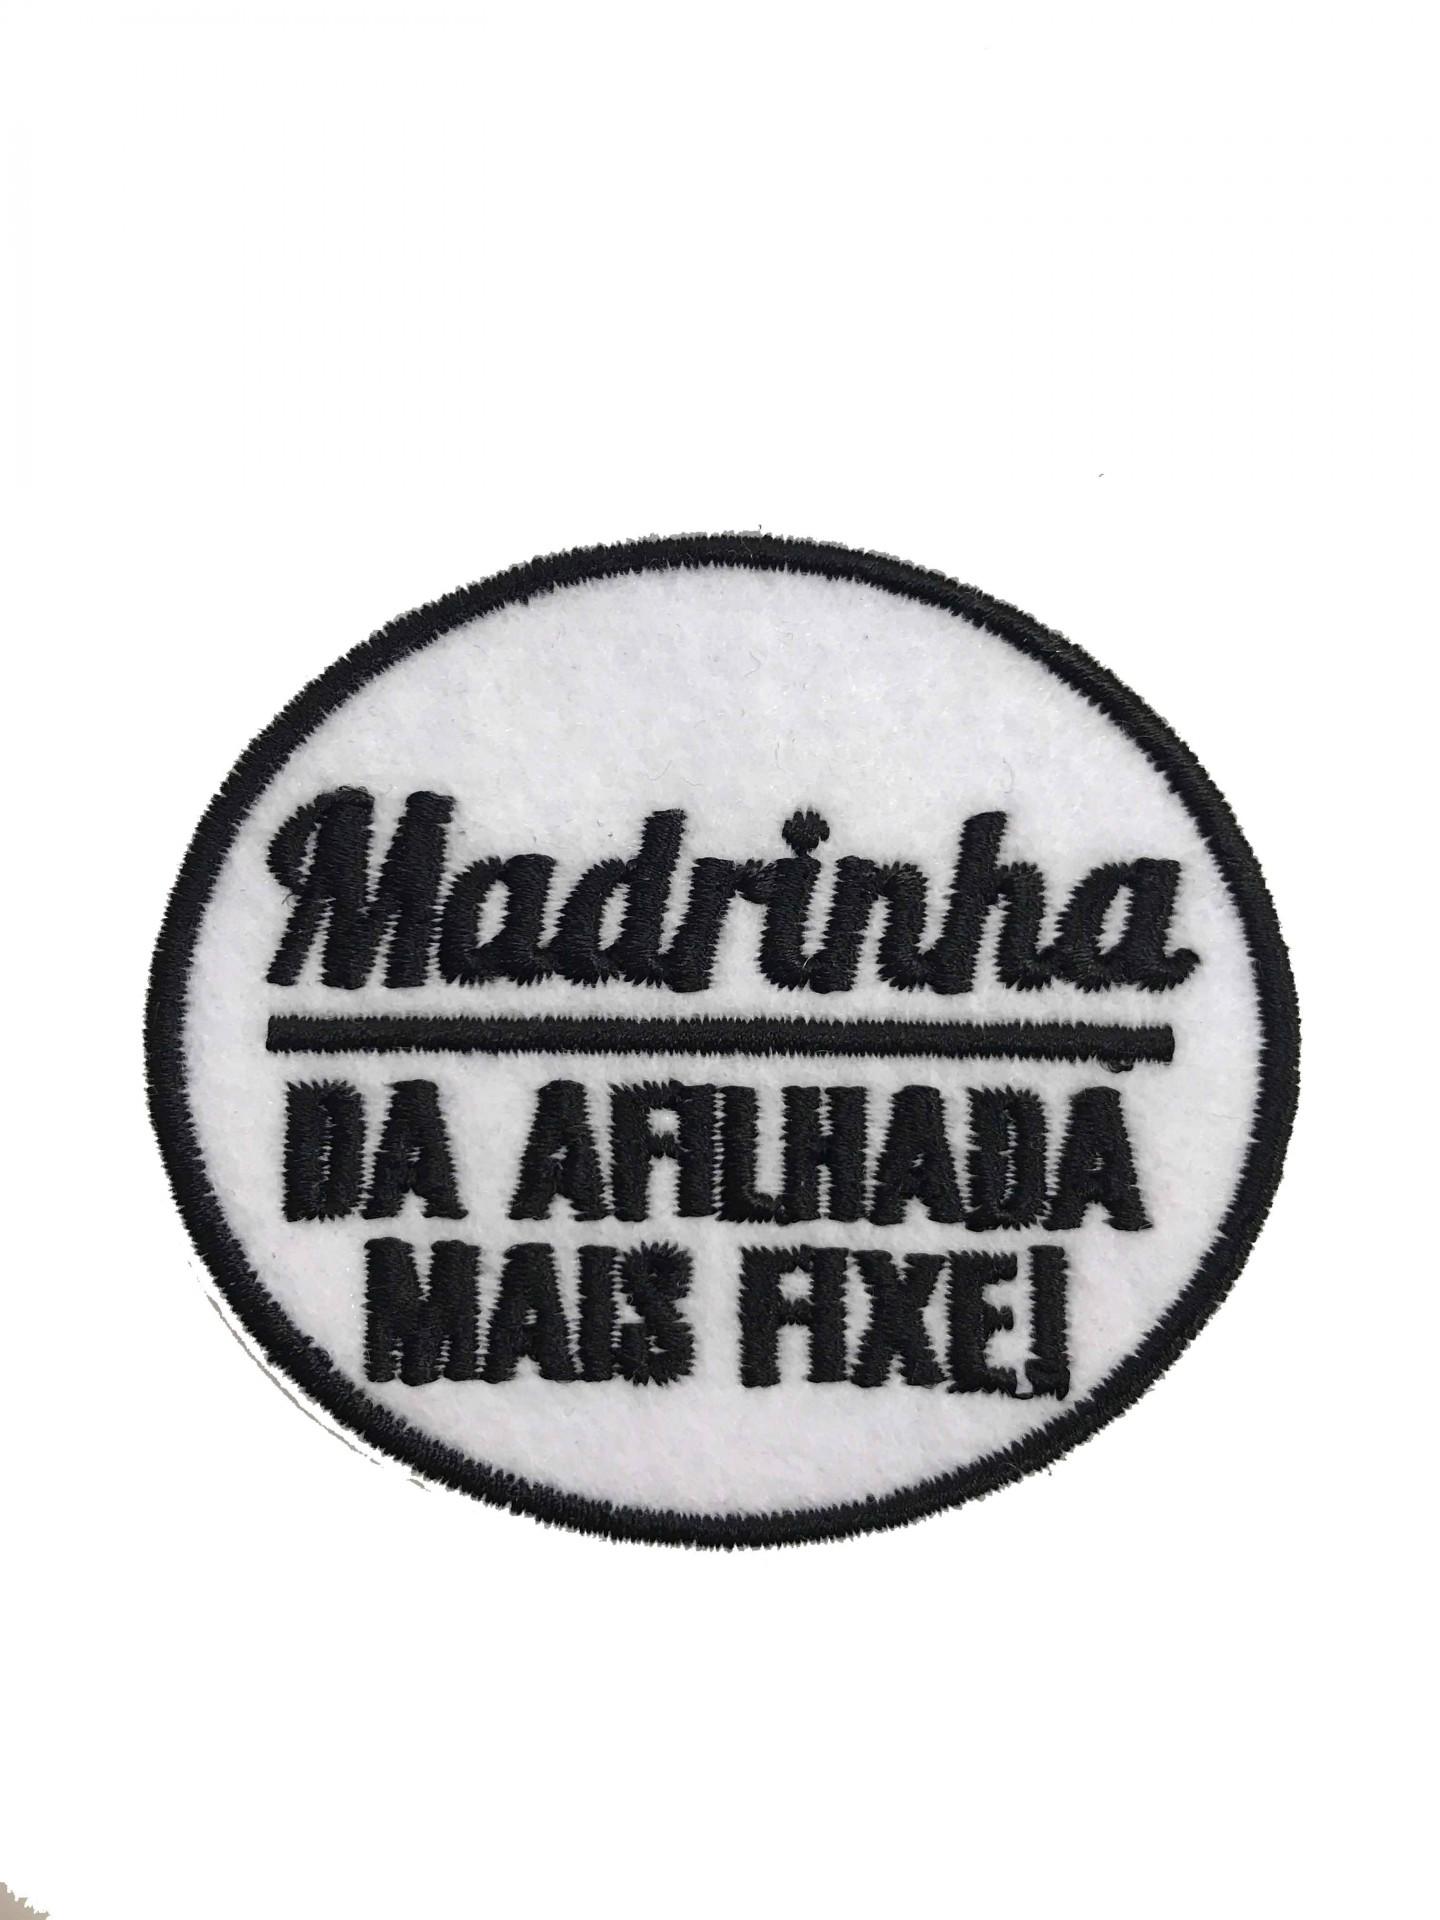 Emblema Madrinha - da afilhada mais fixe